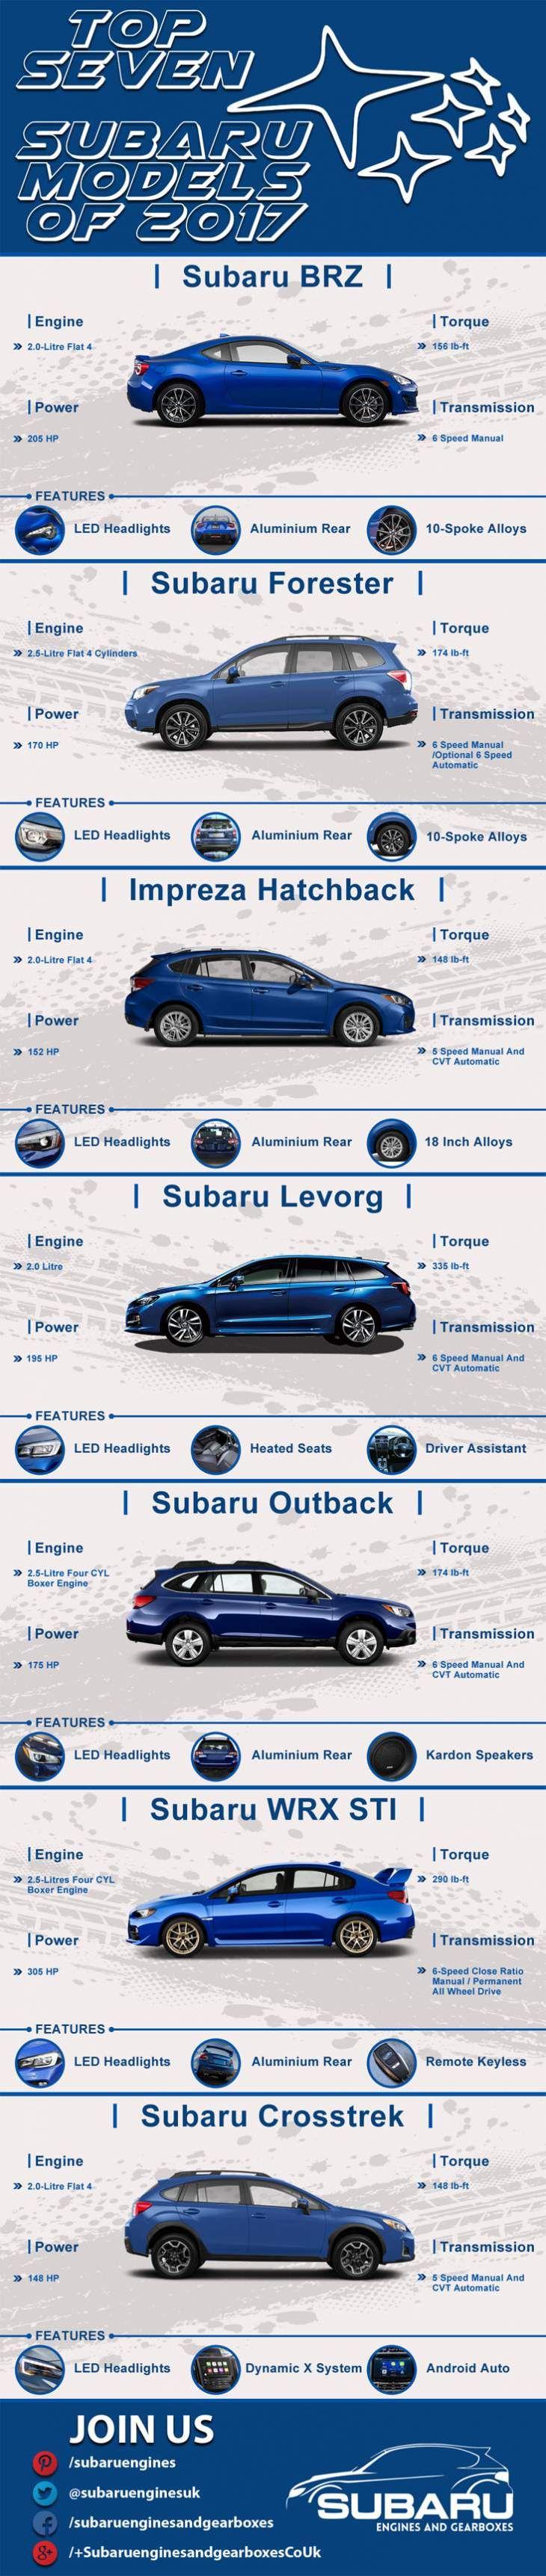 Top Seven Subaru Models Of 2017